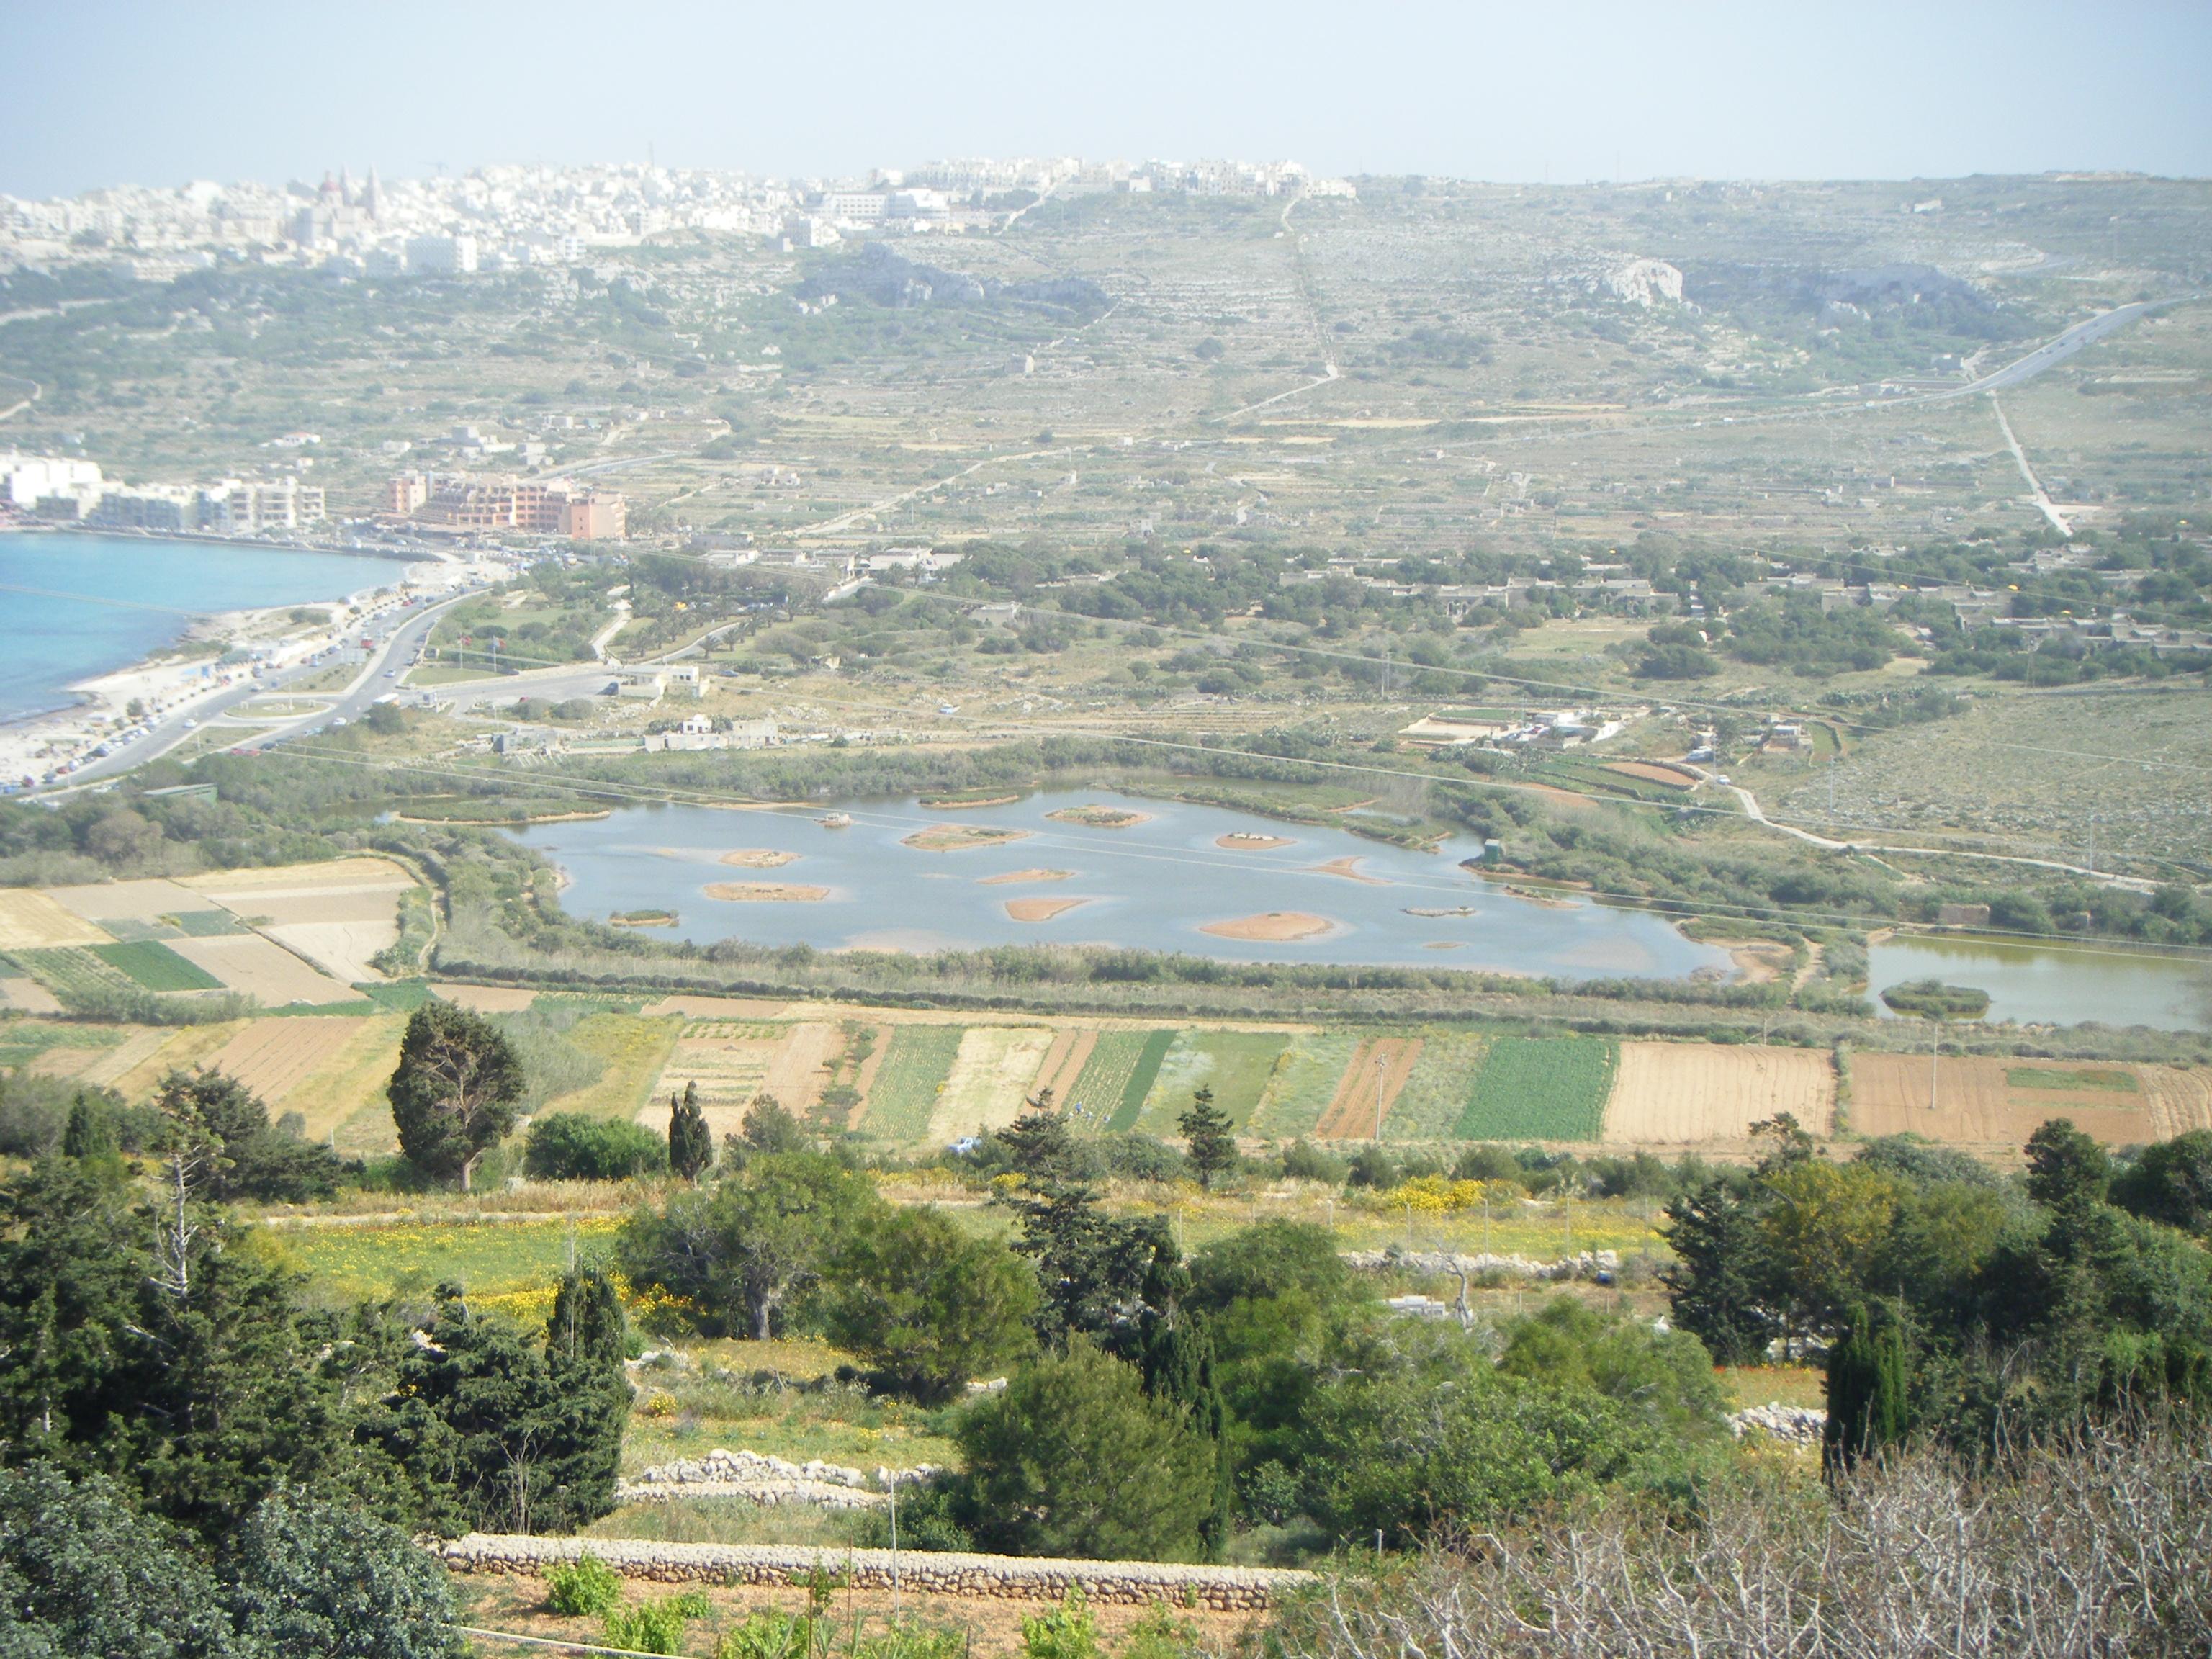 Blick vom St. Agatha's Tower auf das einzige Naturschutzgebiet der Insel. Am linken Bildrand Mellieħa Bay, dahinter Mellieħa